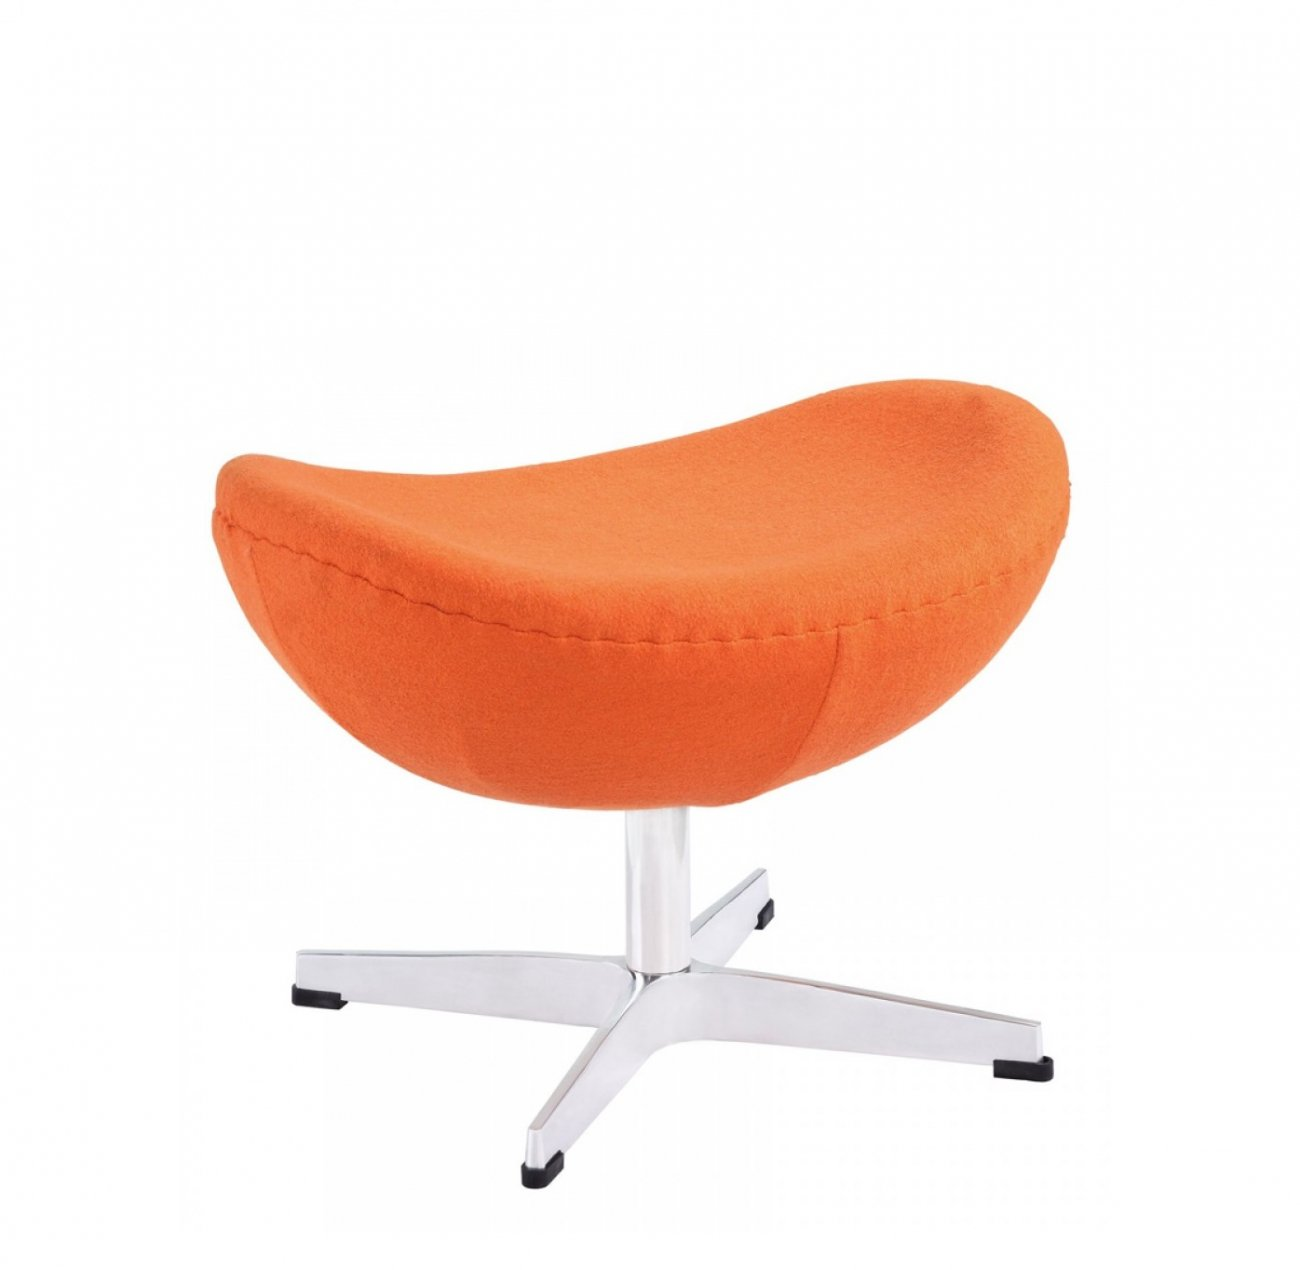 Купить Оттоманка Egg Ottoman Оранжевая 100% Кашемир в интернет магазине дизайнерской мебели и аксессуаров для дома и дачи